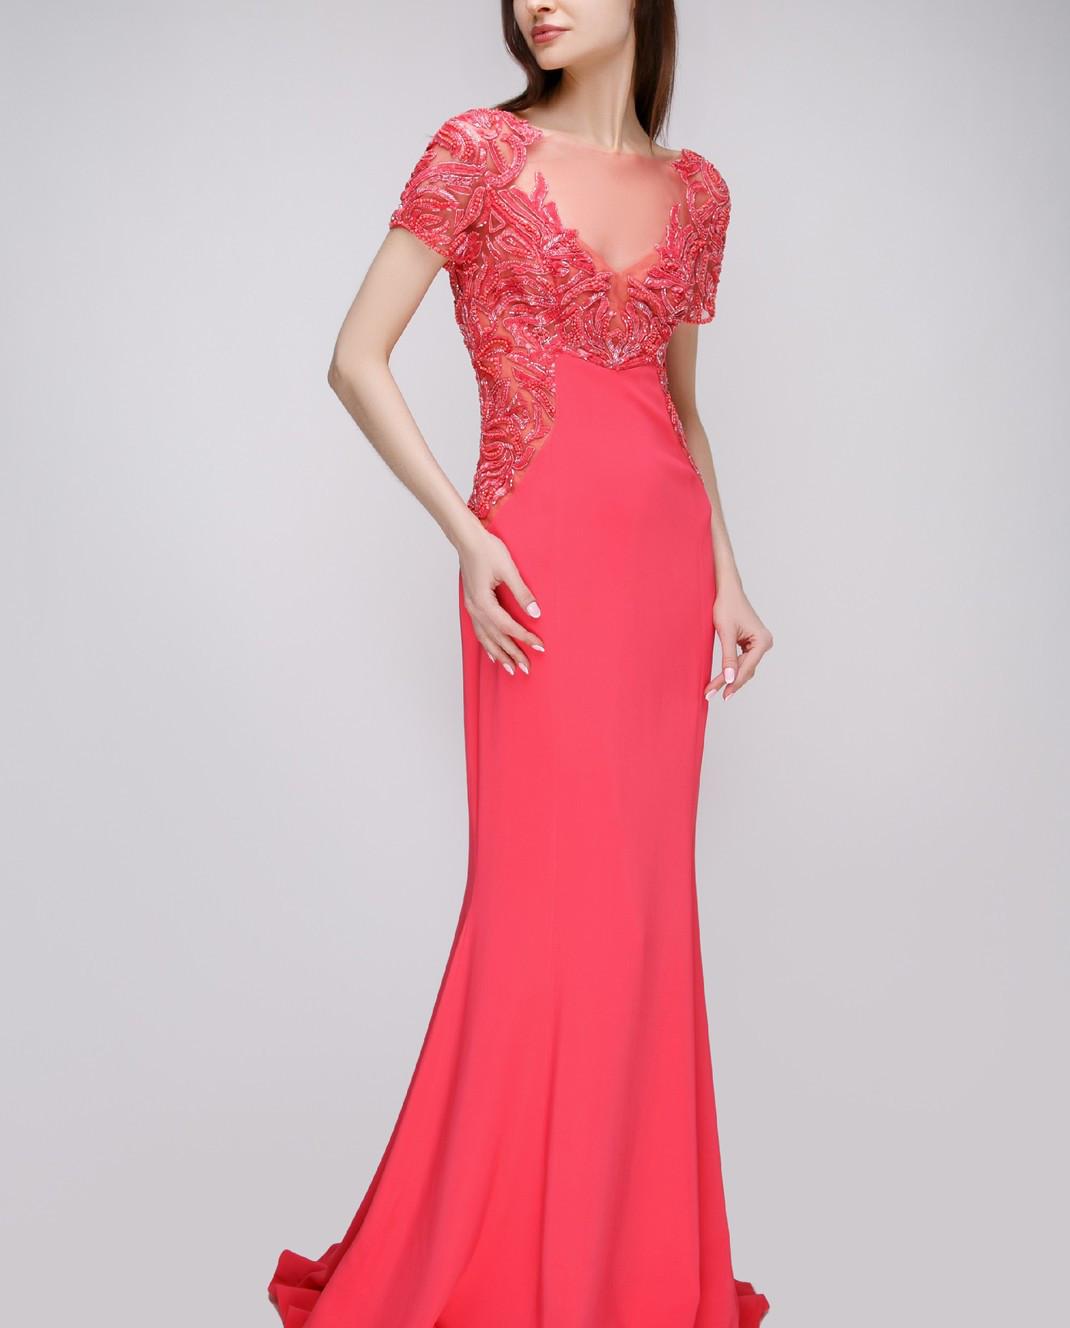 Zuhair Murad Розовое платье RDPF15029DL99 изображение 2